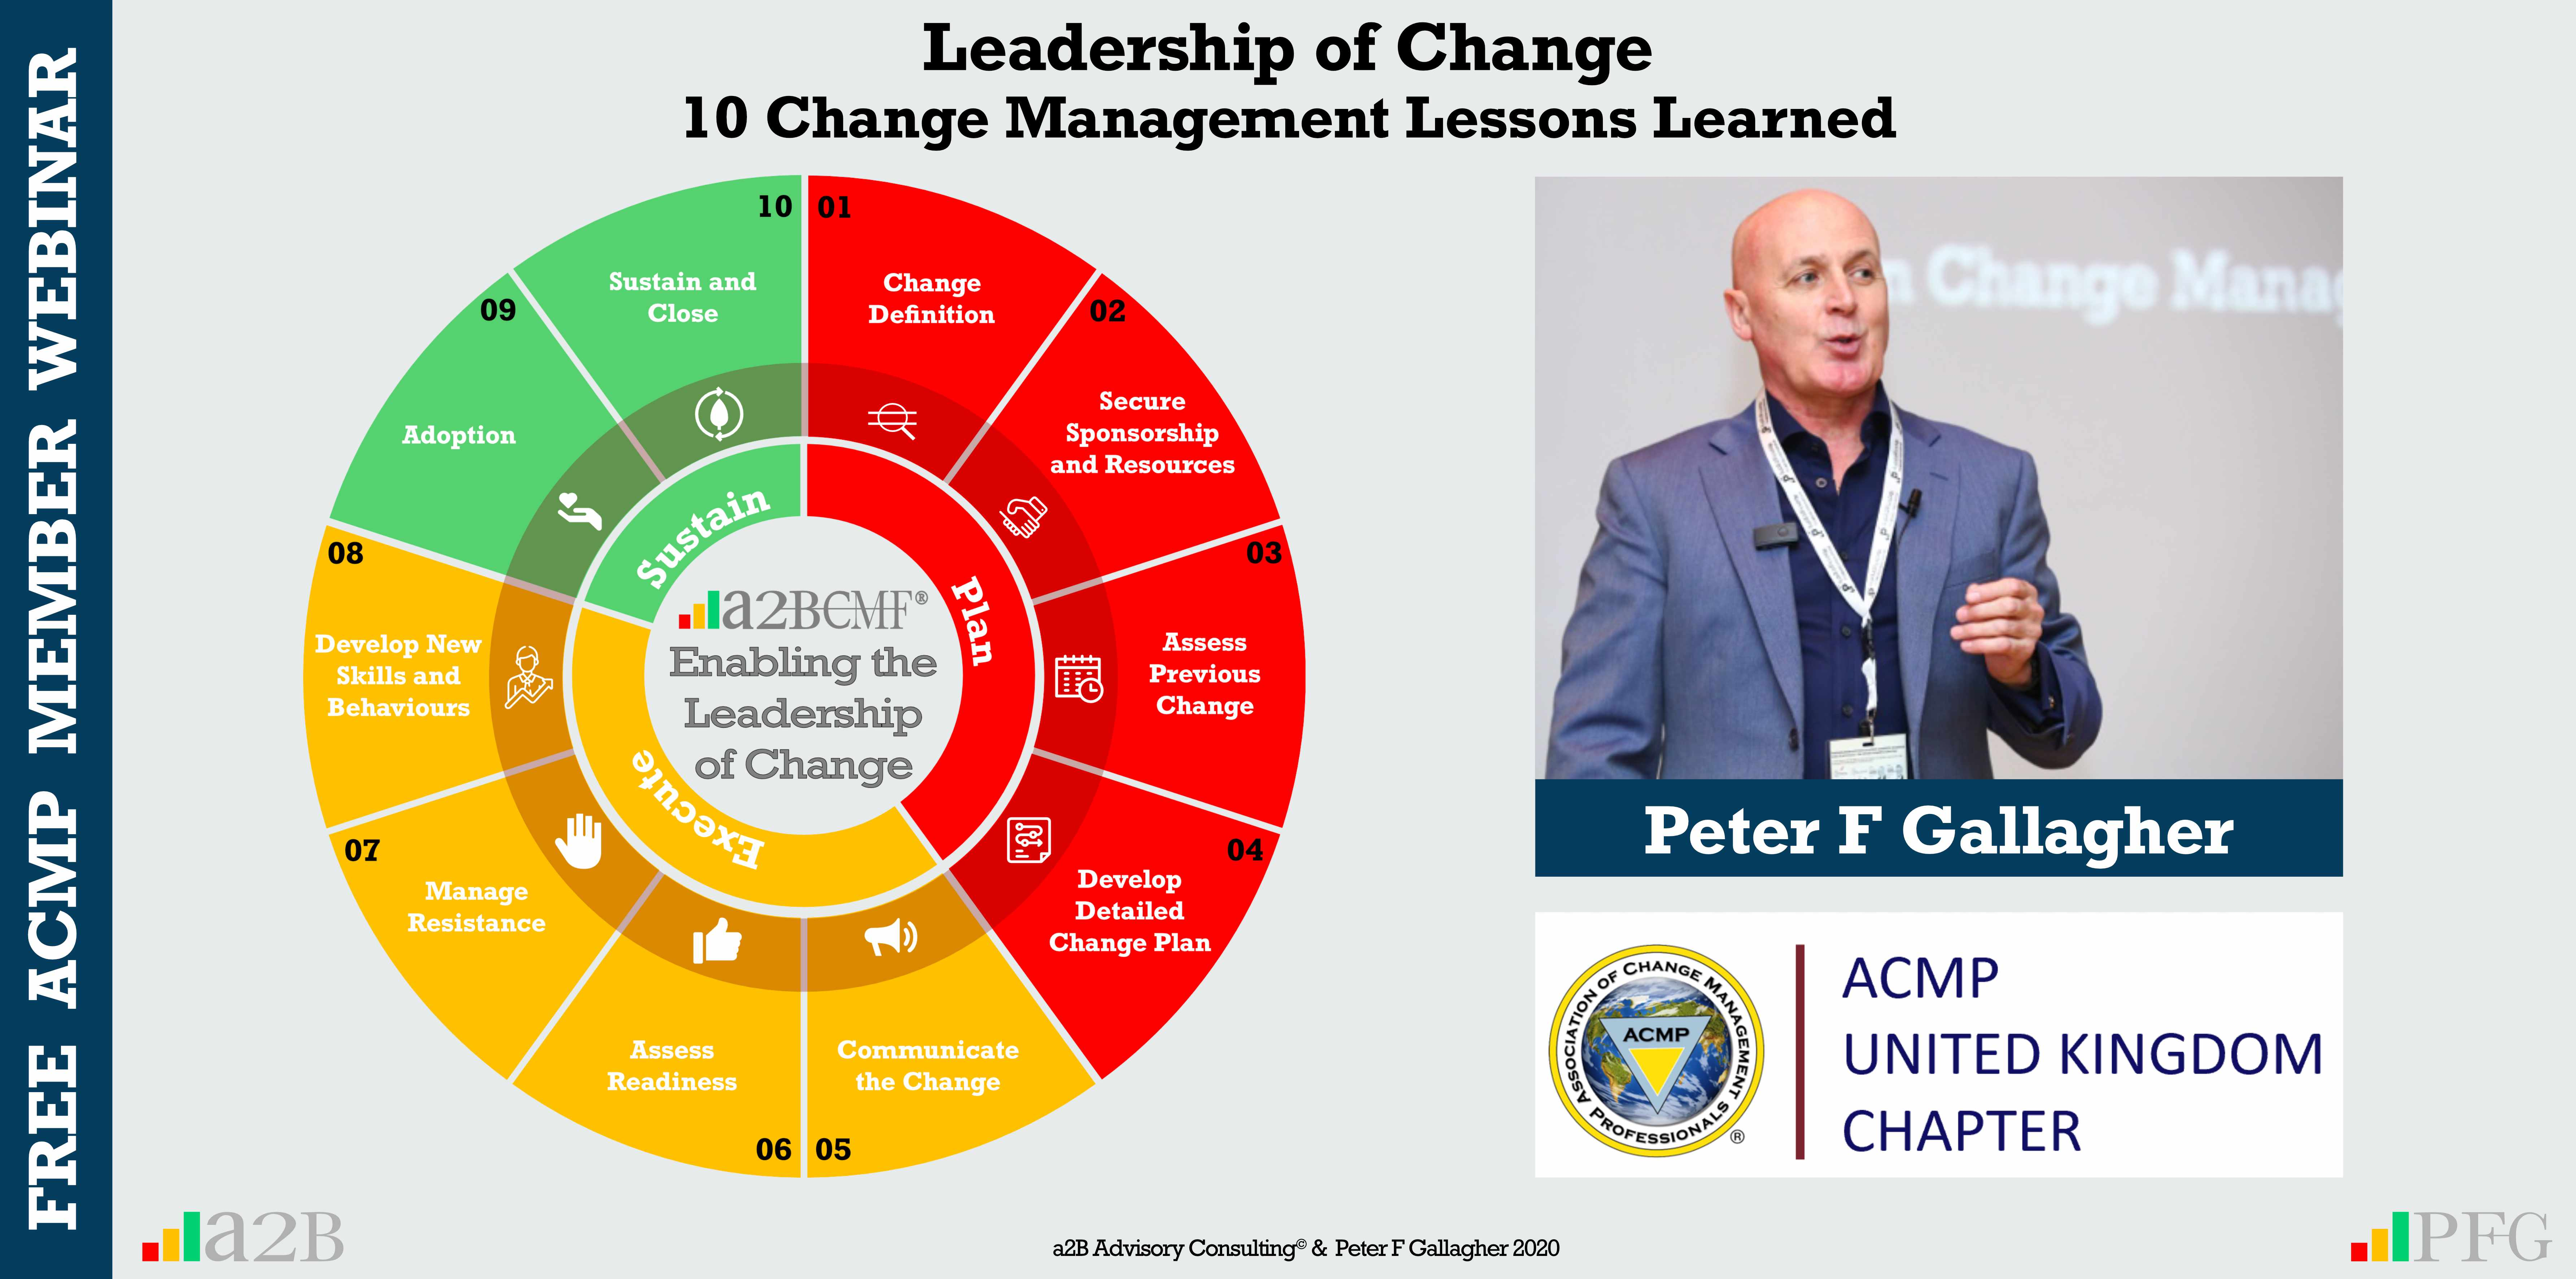 Peter F Gallagher ACMP UK Webinar - Leadership of Change